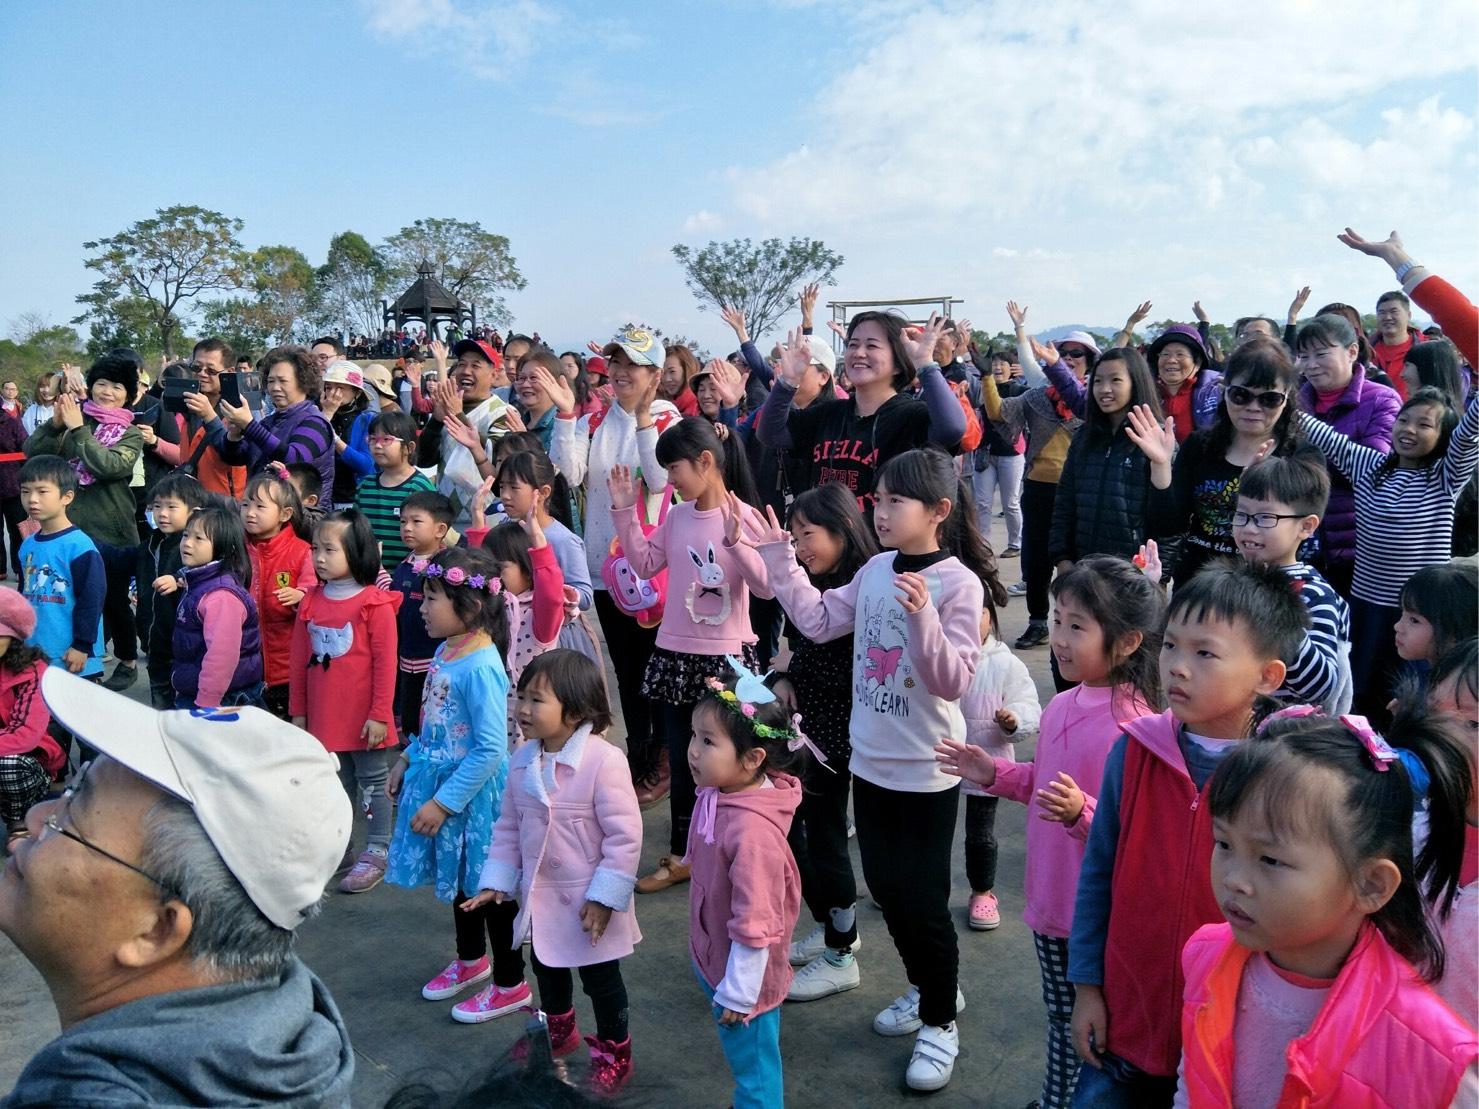 台中國際花毯節 帶領遊客跳花朵舞 齊迎花博年